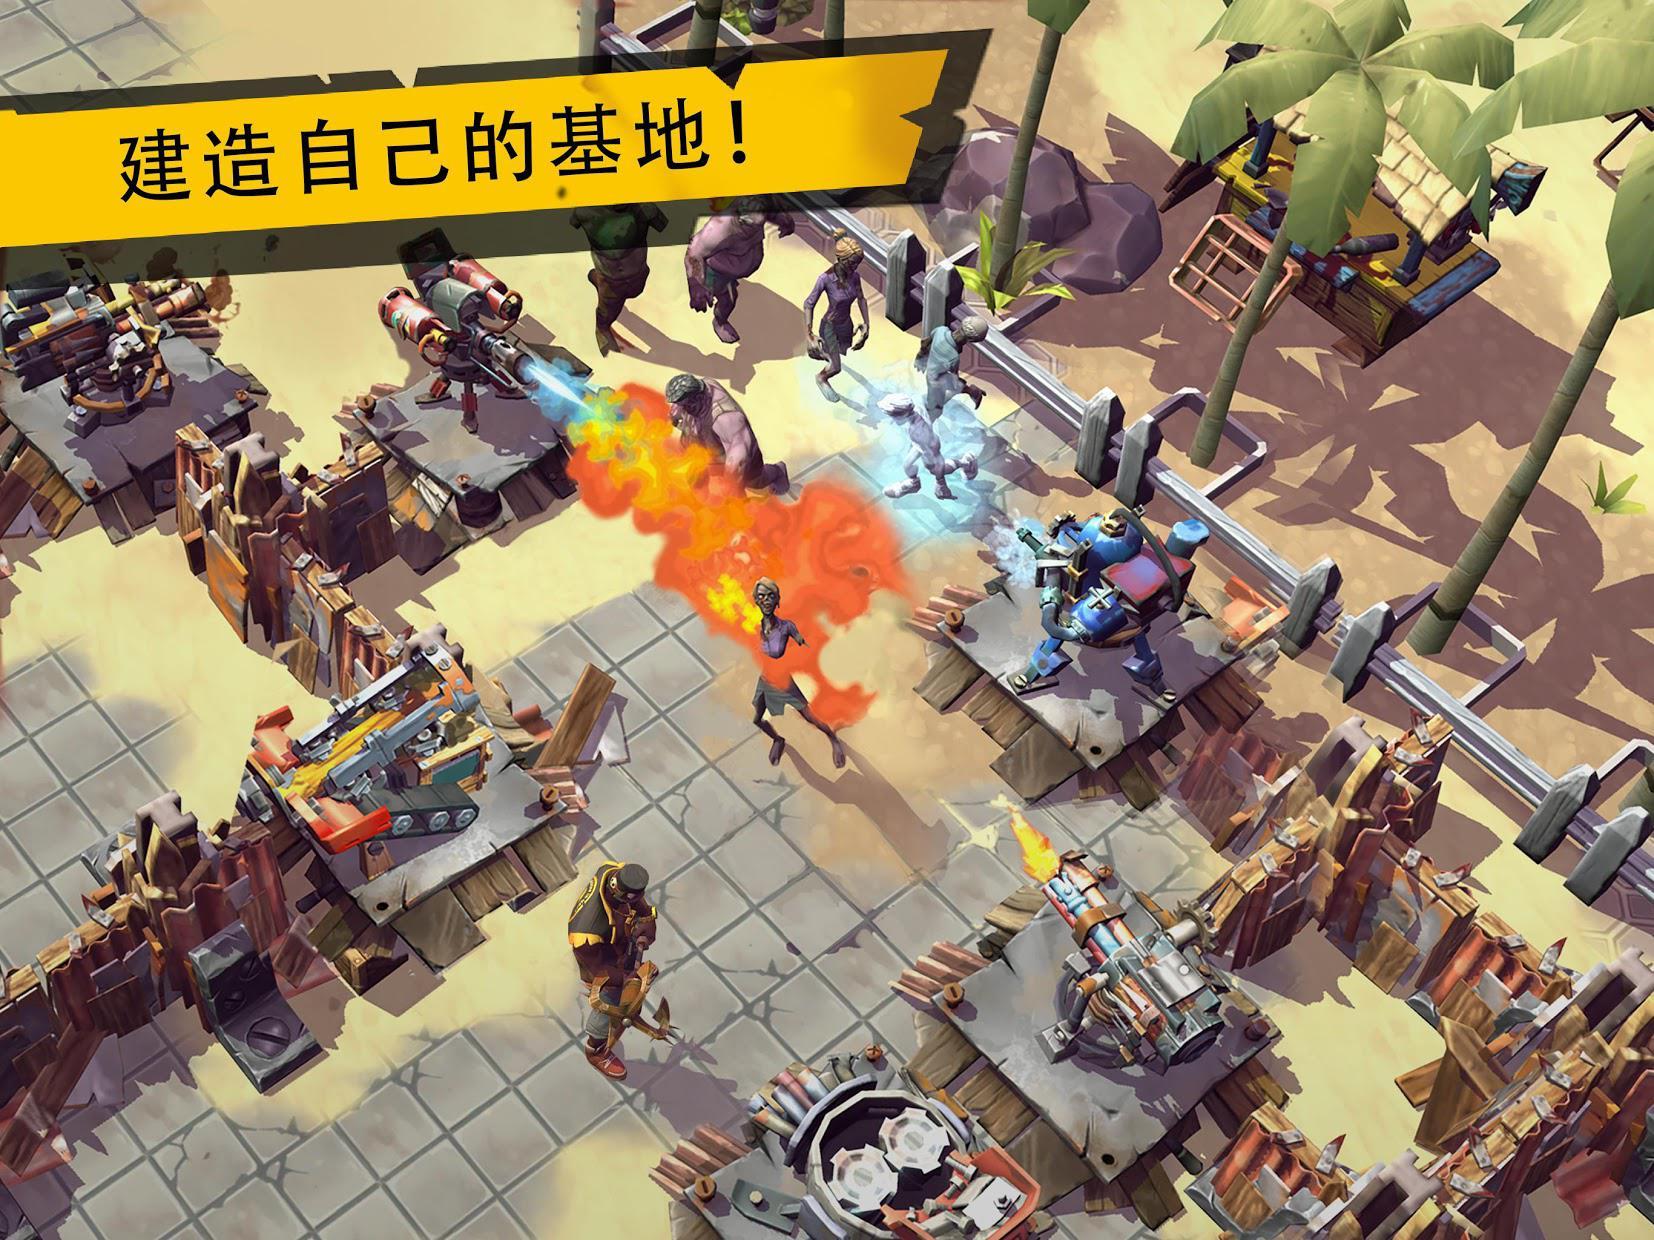 死亡岛:幸存者 游戏截图4